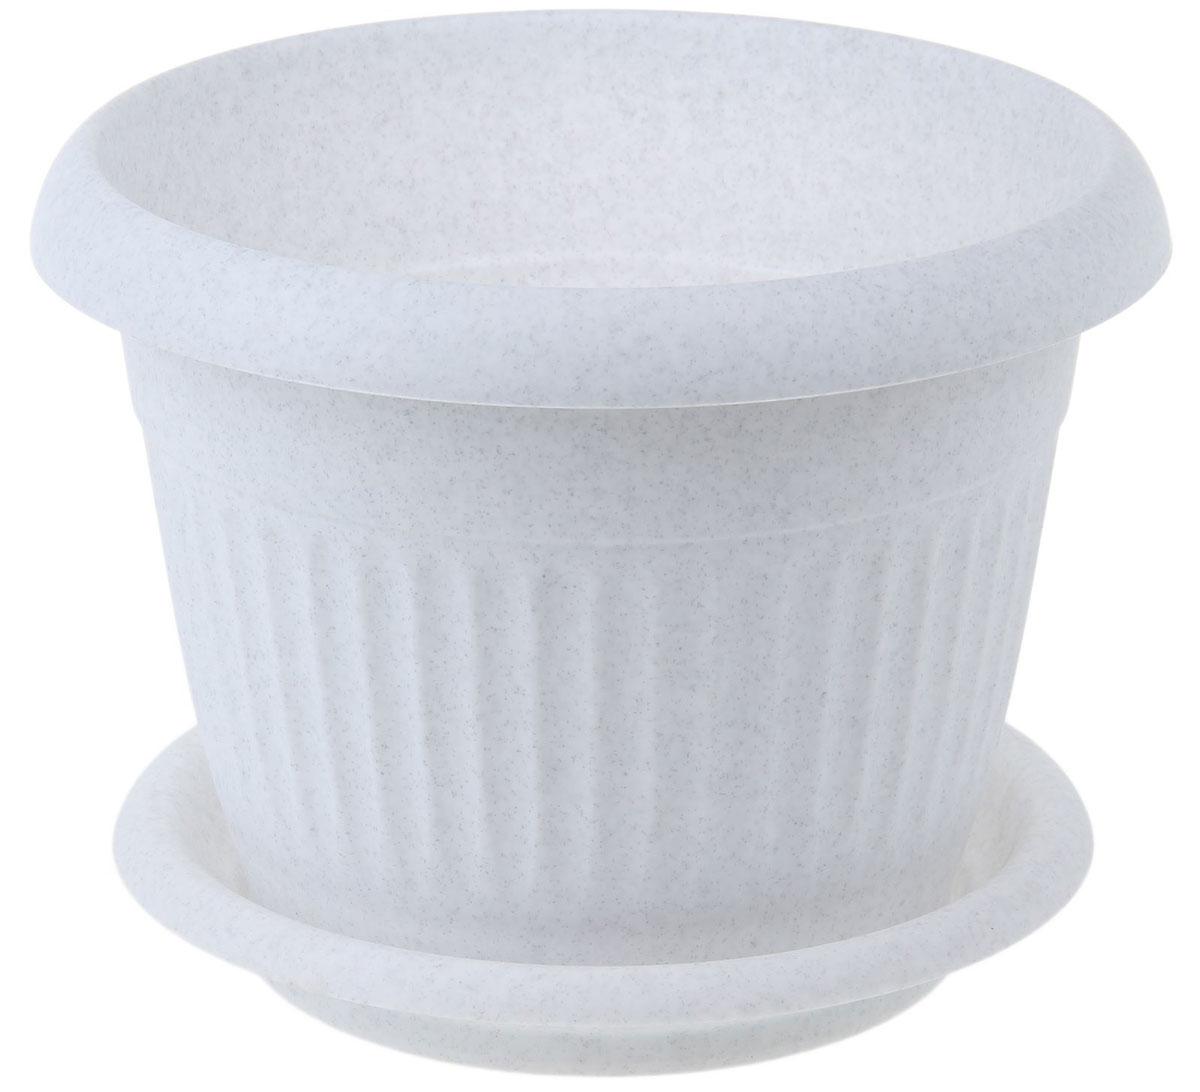 Кашпо Idea Ливия, с поддоном, цвет: мраморный, 26 лМ 3028Кашпо Idea Ливия изготовлено из прочного полипропилена (пластика) и предназначено для выращивания растений, цветов и трав в домашних условиях. Круглый поддон обеспечивает сток воды. Такое кашпо порадует вас функциональностью, а благодаря лаконичному дизайну впишется в любой интерьер помещения. Диаметр кашпо по верхнему краю: 42 см. Объем кашпо: 26 л.